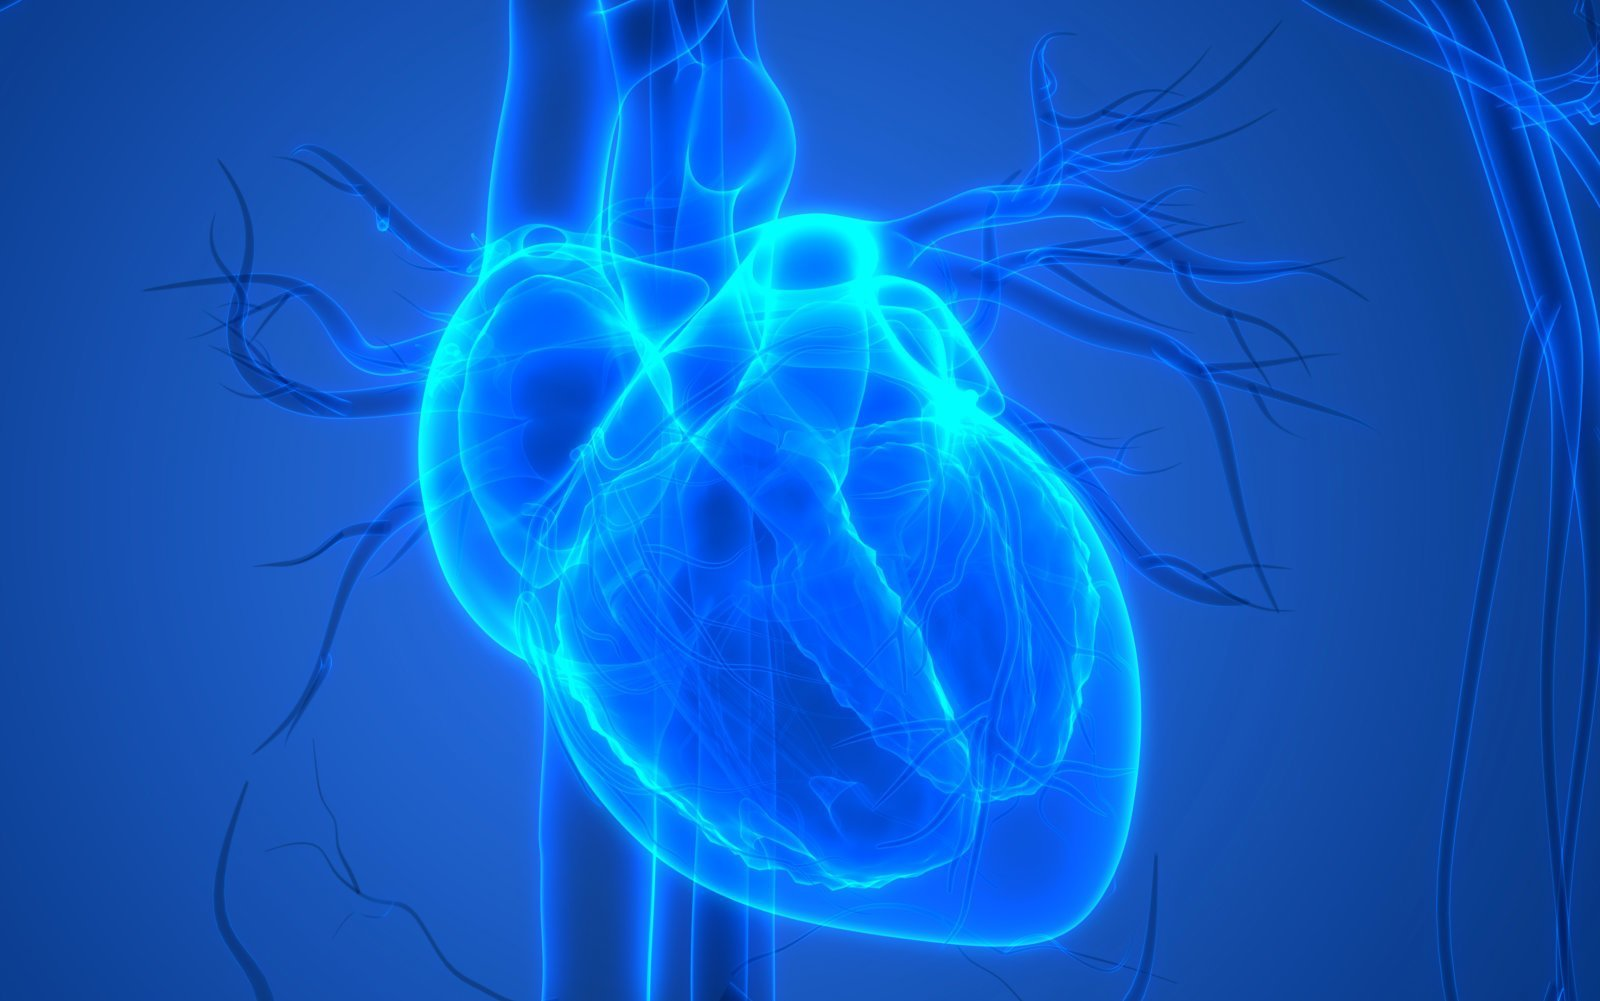 BIOLIFE4D isimli biyoteknoloji şirketi, kardiyak hücreler kullanarak minik bir insan kalbini 3D olarak yazdırdı.